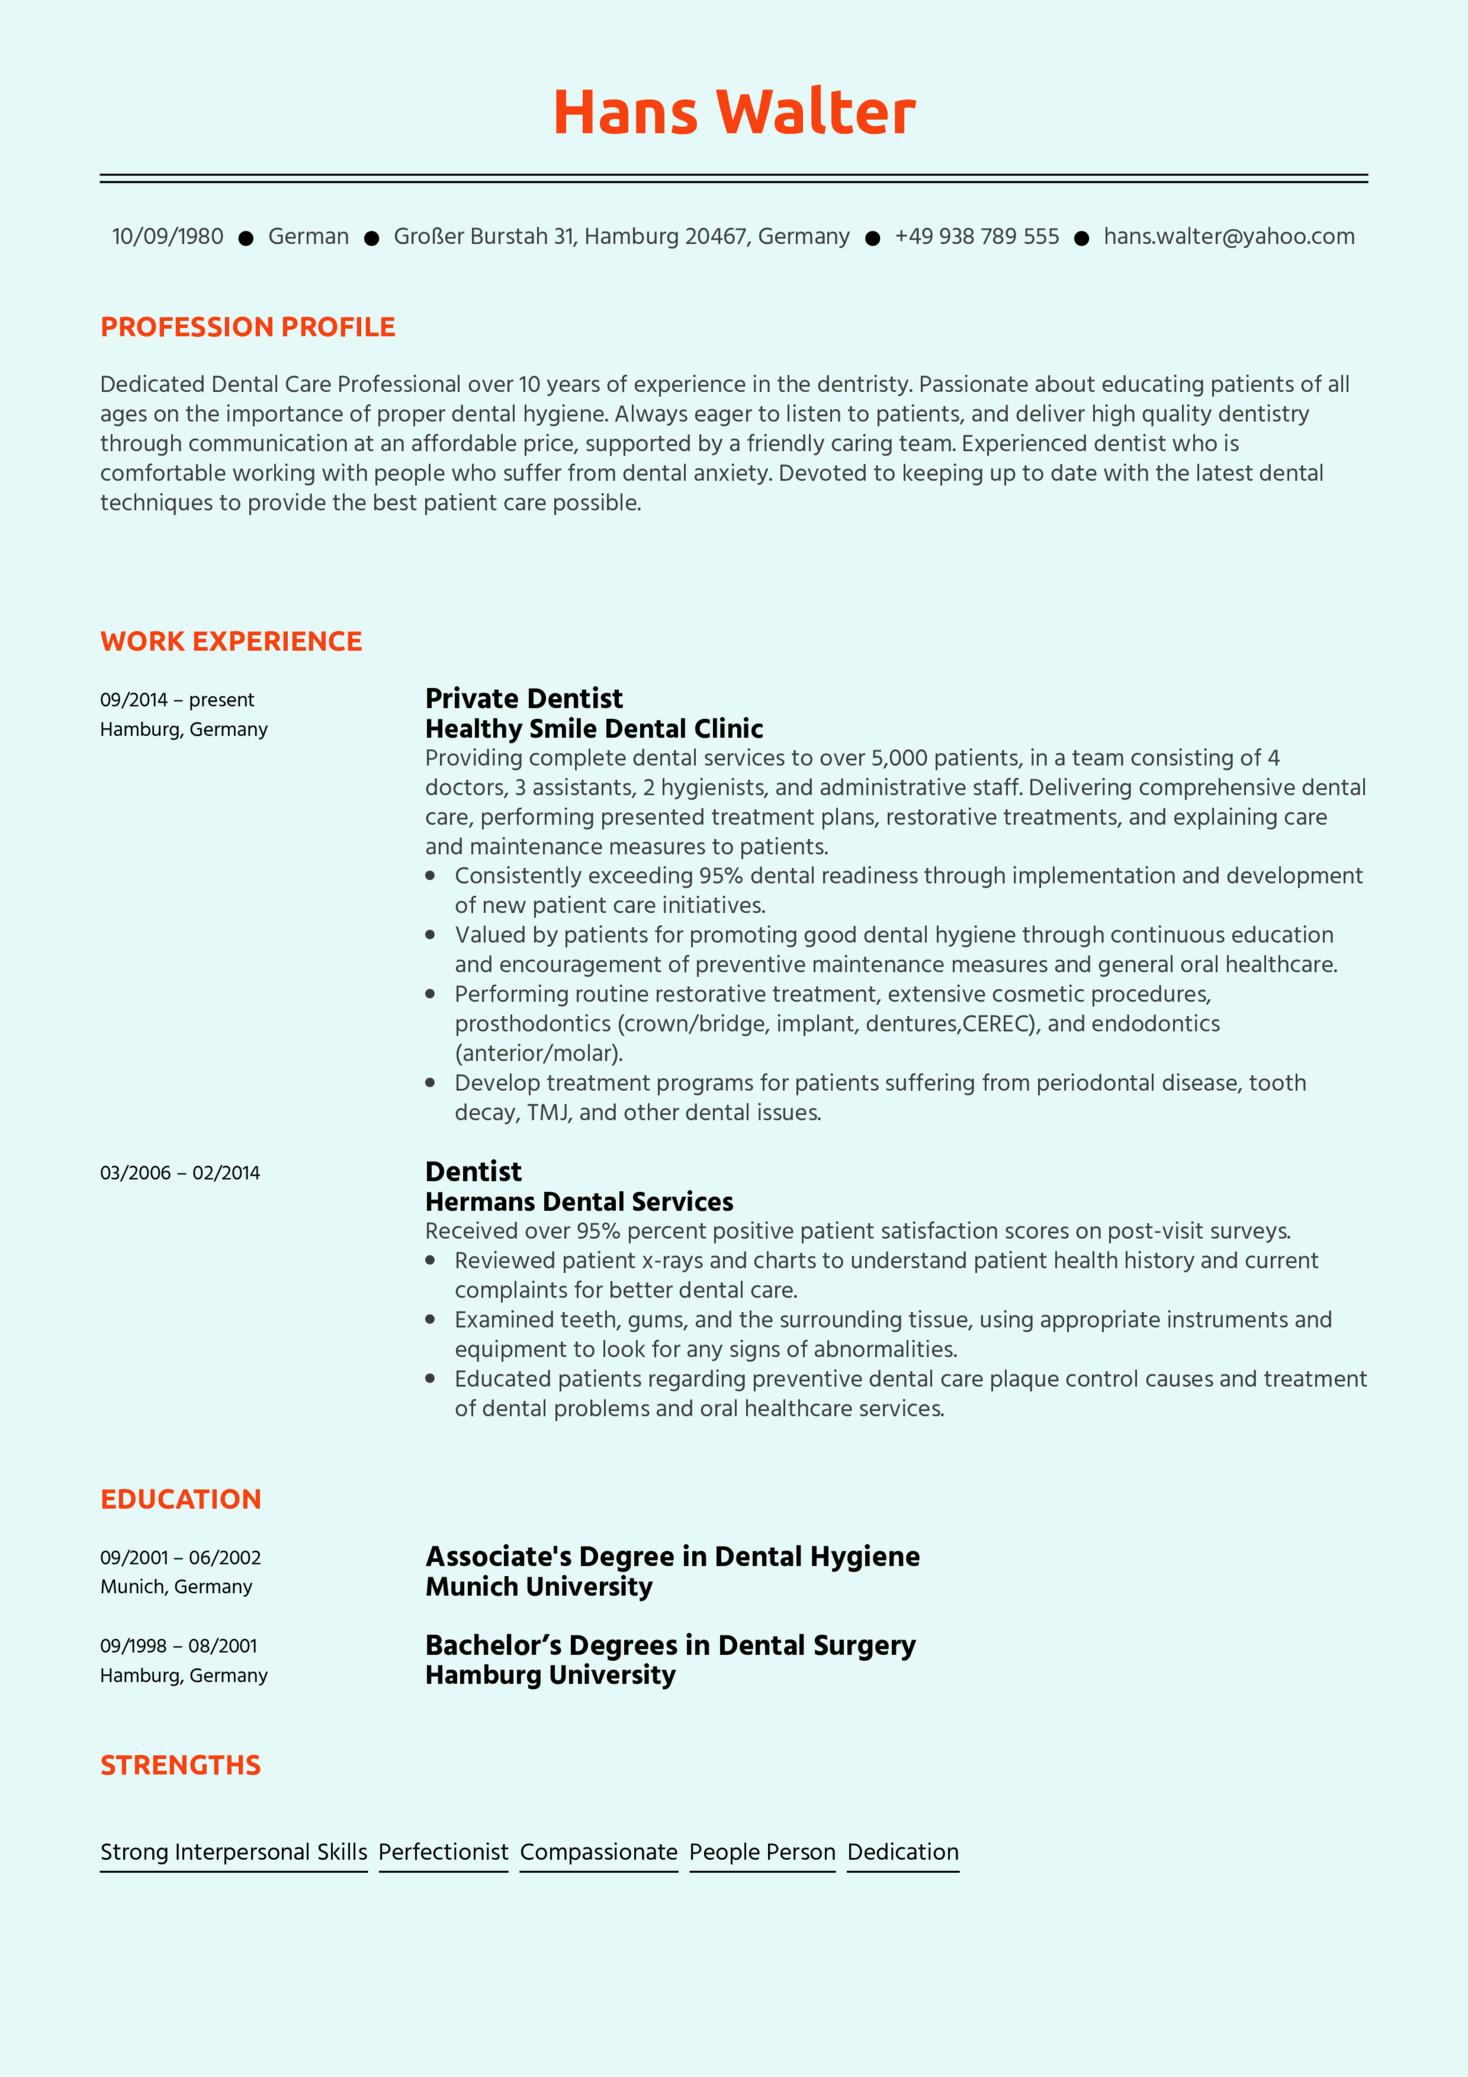 Dentist Resume Sample (Part 1)